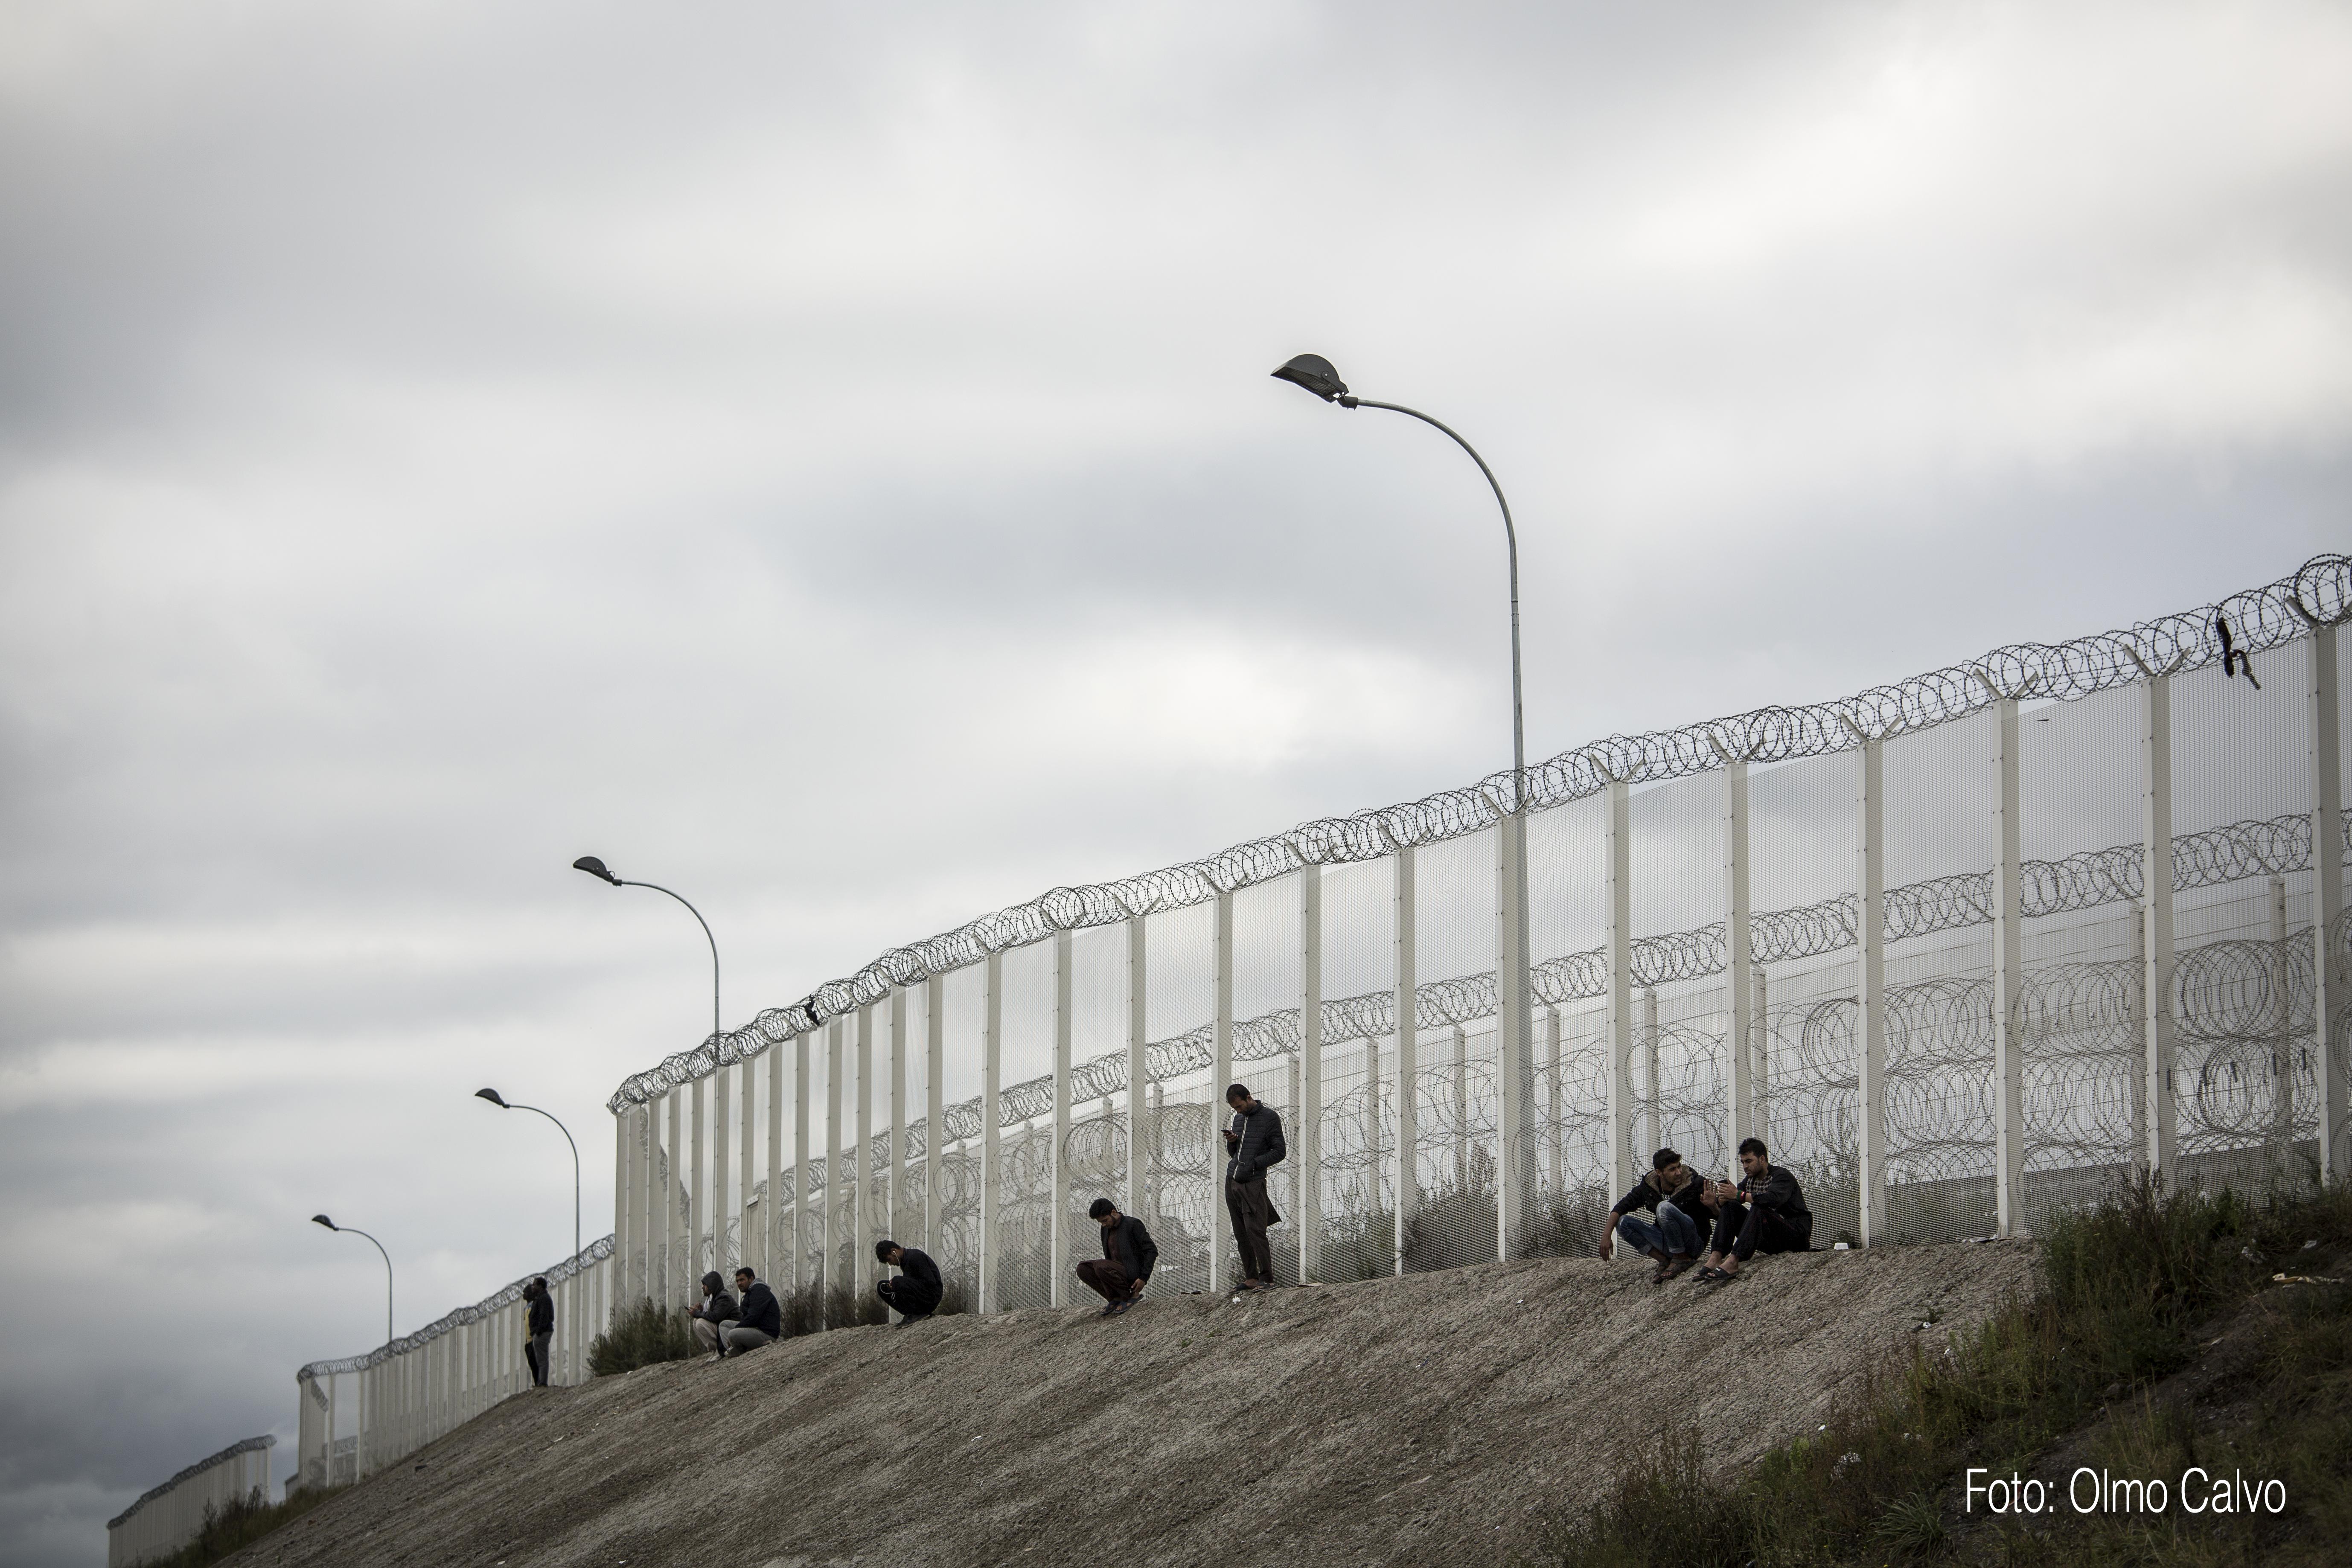 Comunicat De L'IDHC I La CCAR Sobre La Situació Actual Dels Migrants I Dels Sol·licitants D'asil A Les Zones Frontereres DelsEstats Membresde LaUnió Europea: